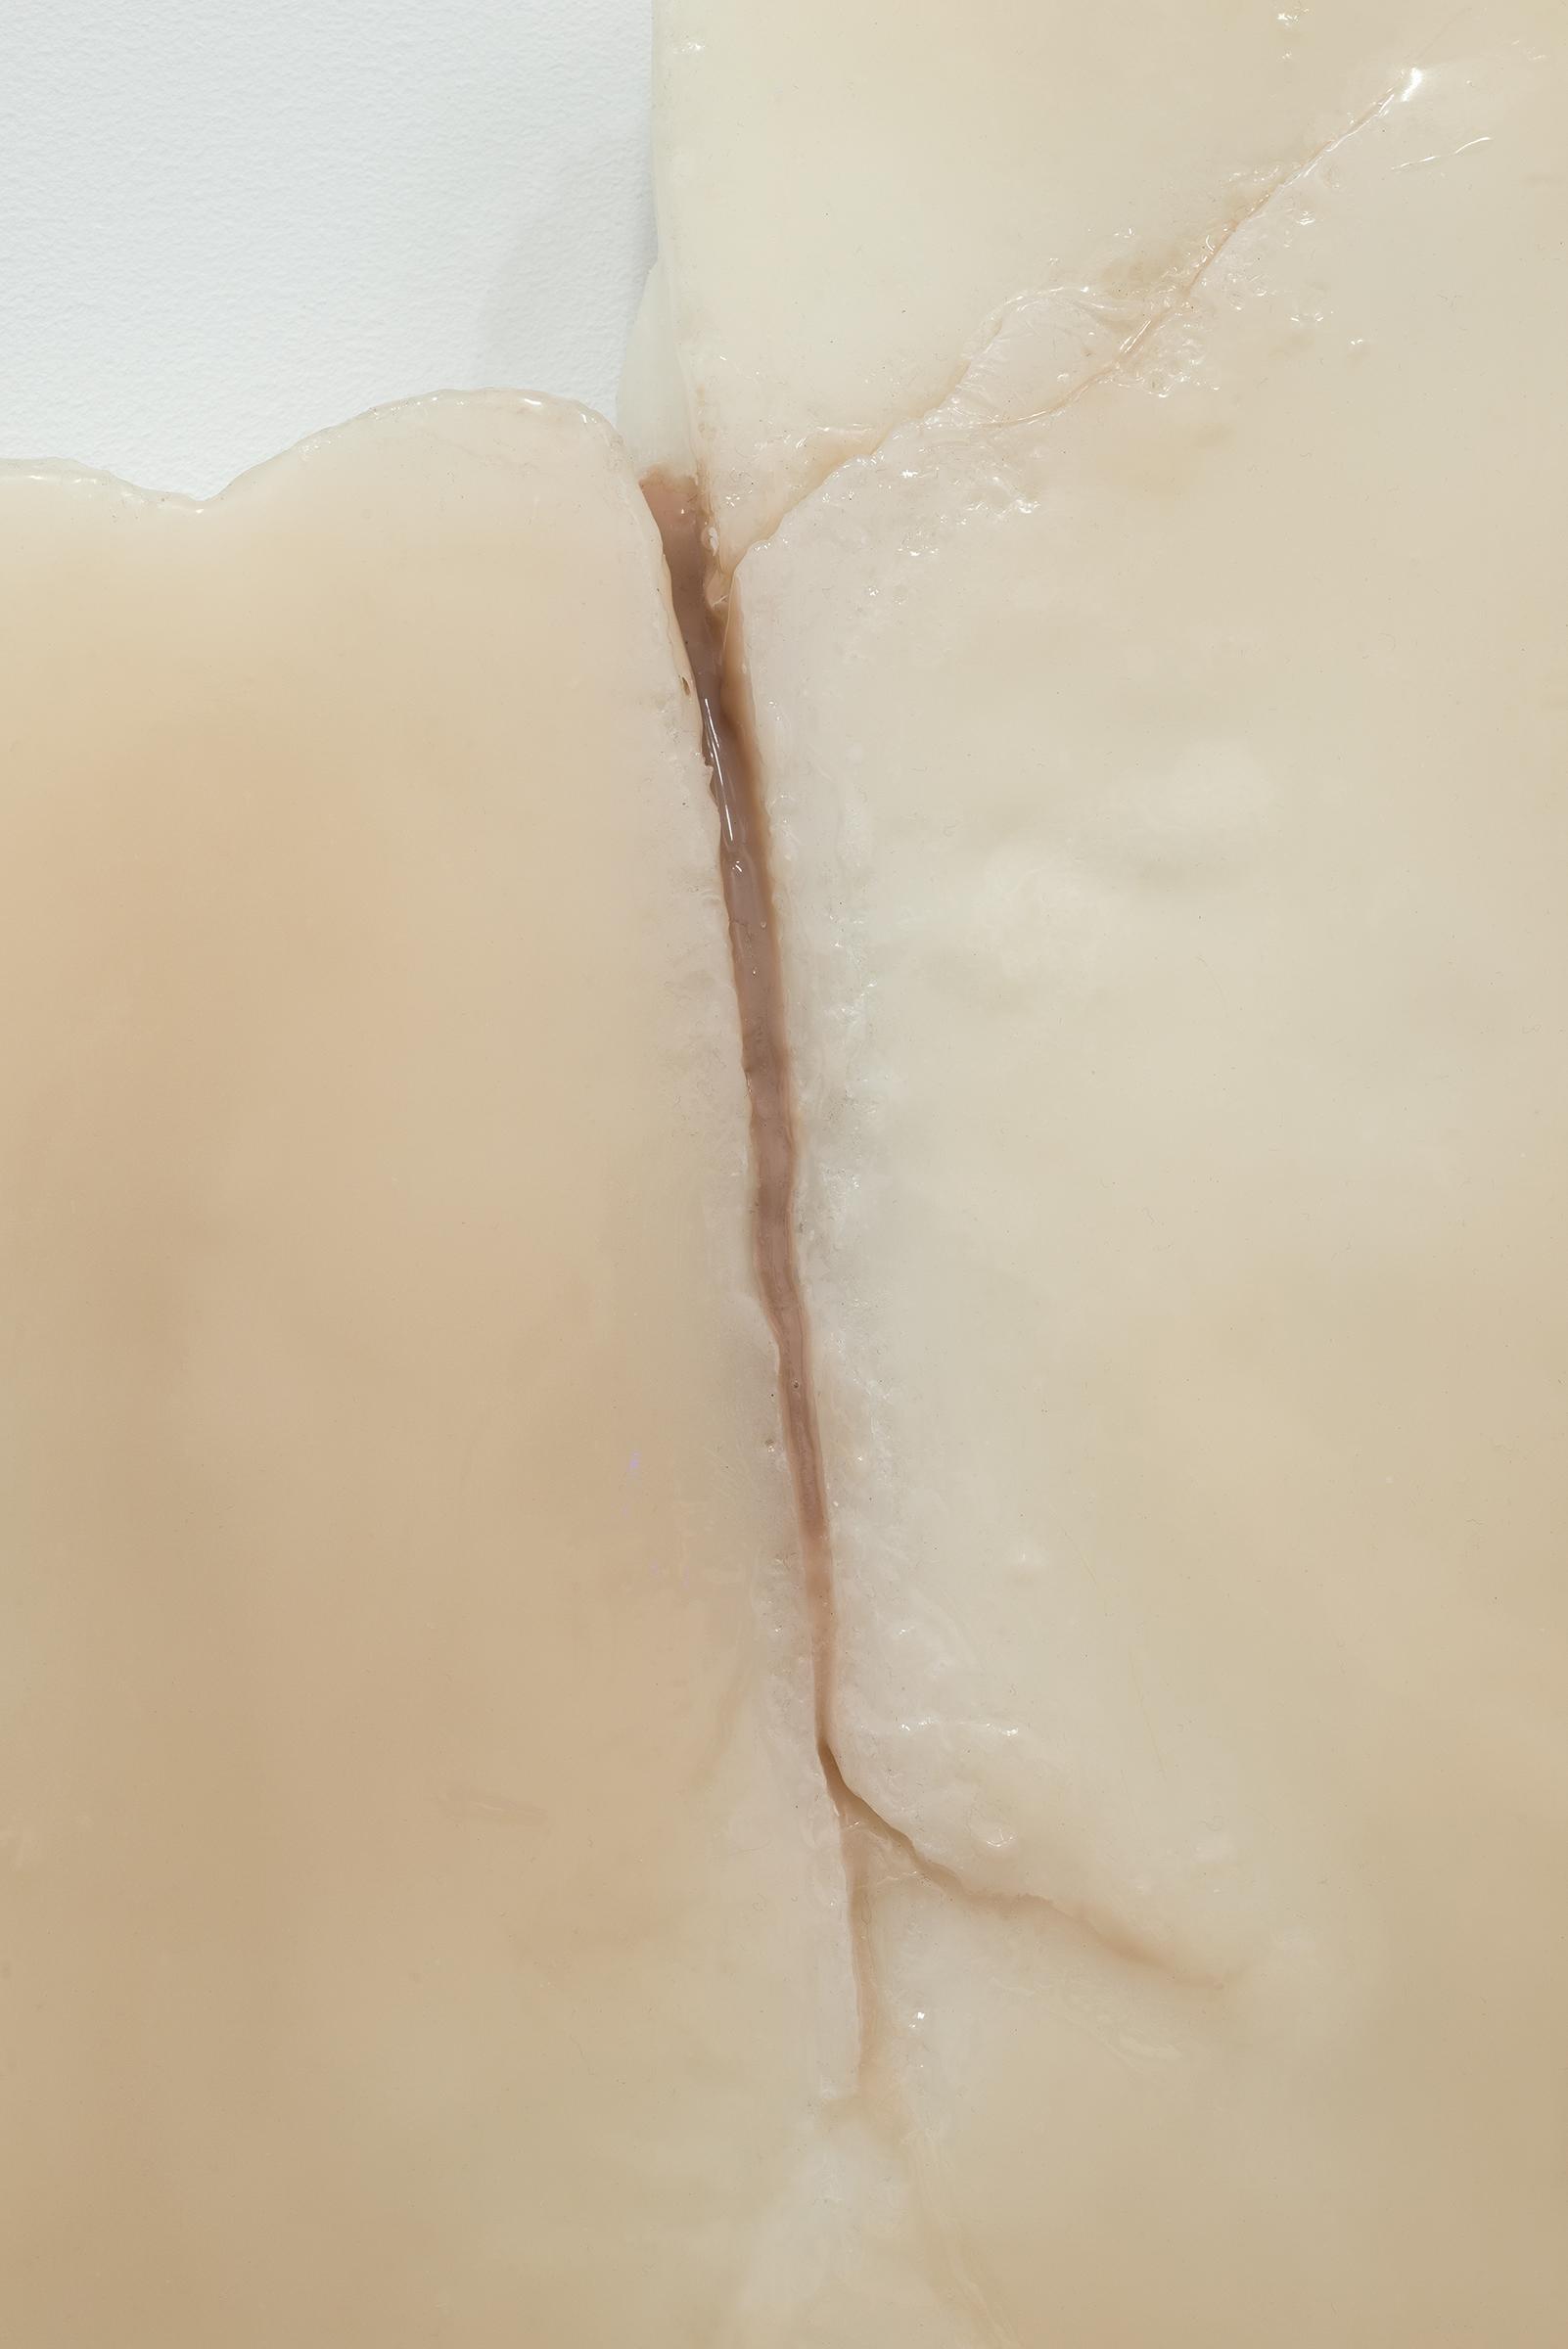 Ivana Basic, Ungrounding  (detail), 2014,wax, silicon, linoleum,19.5 x 13 x 2.5 in